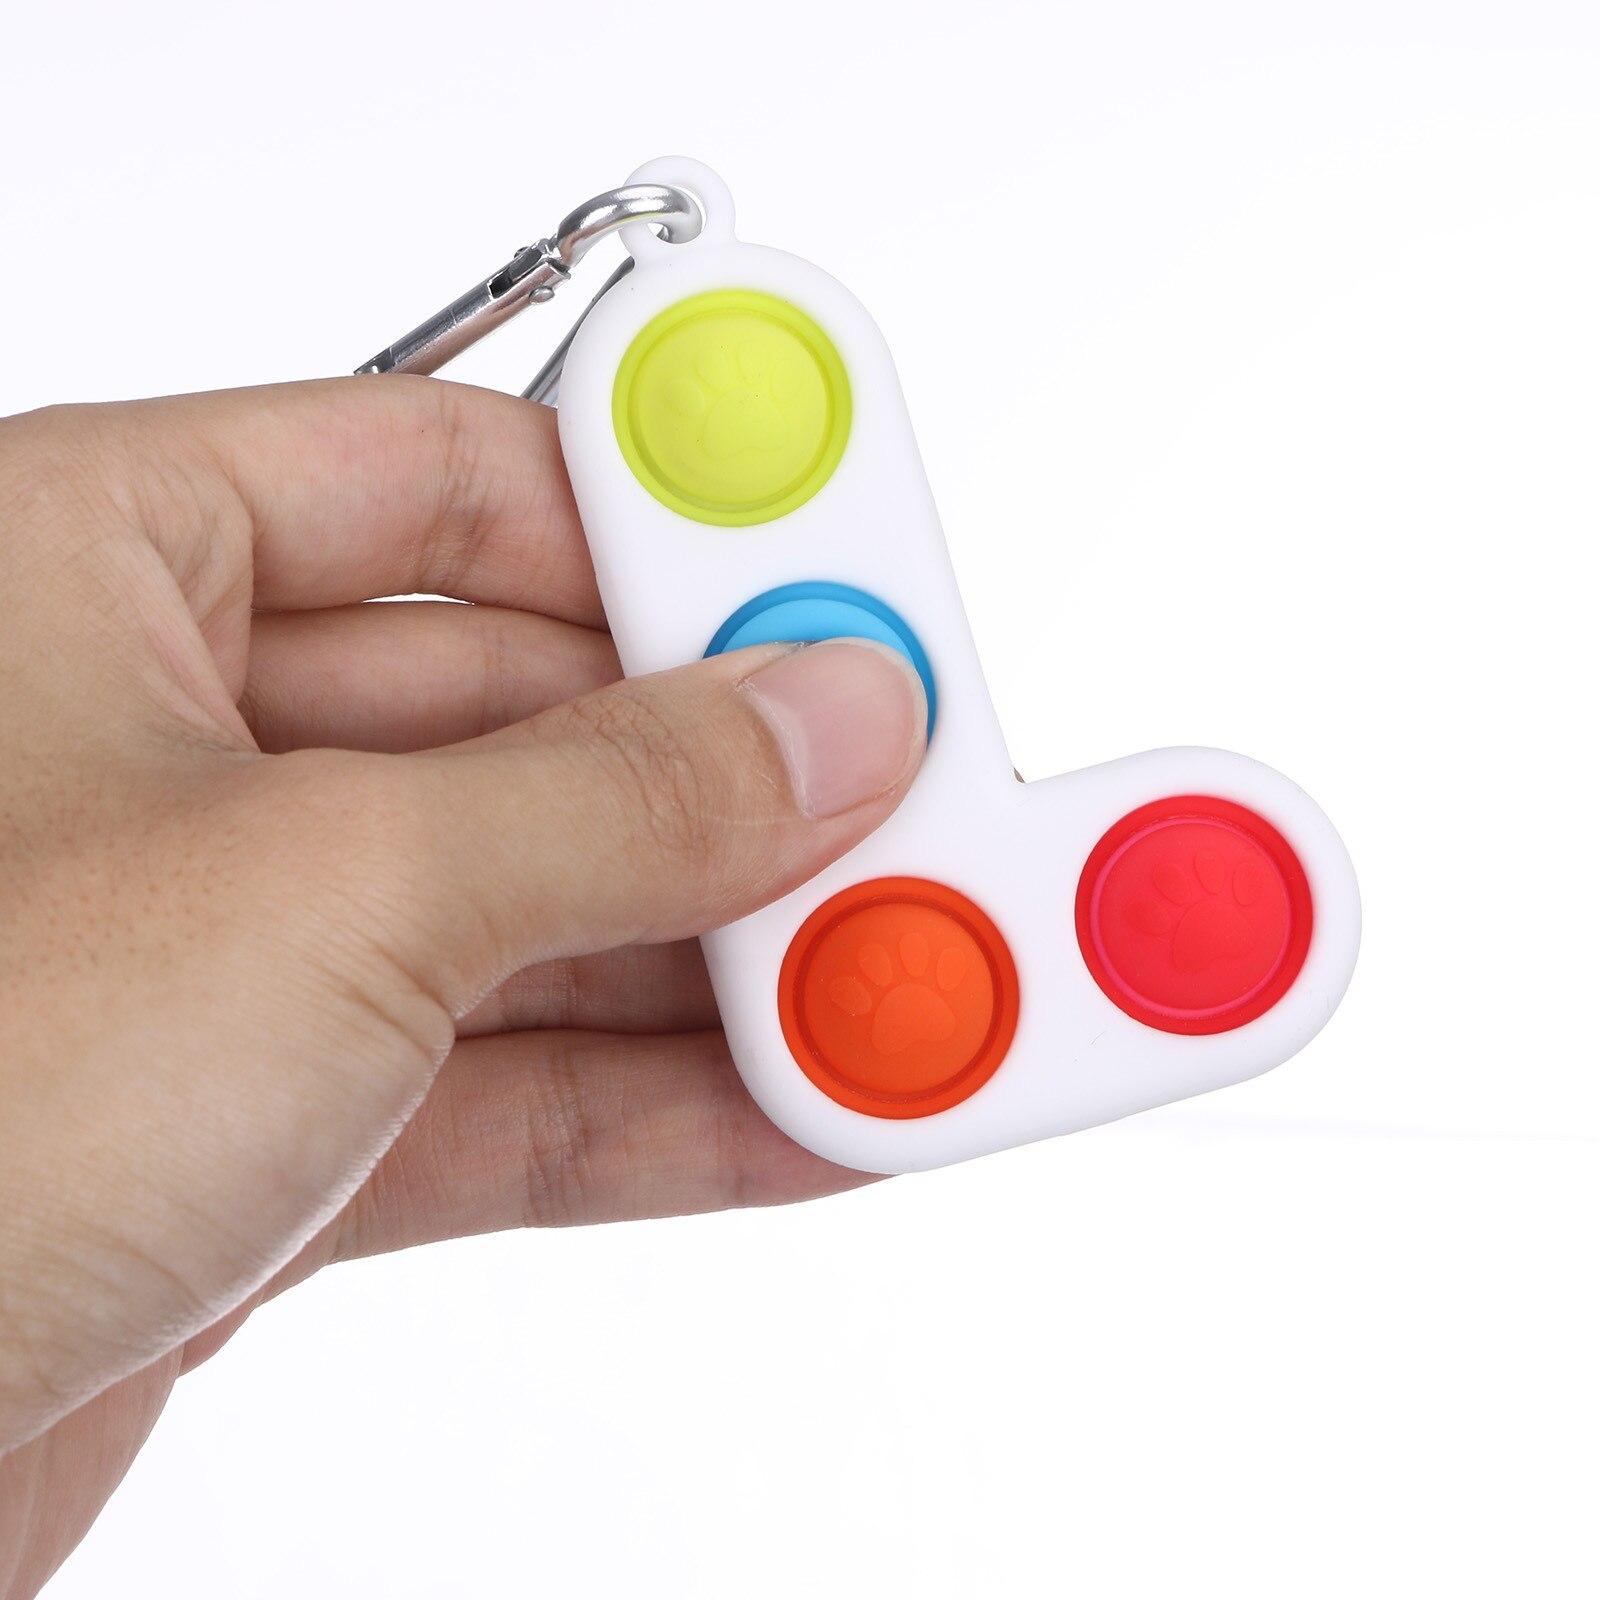 Fitget Toy Fidgets Simpel Dimpel Mini Anti-Stress-Board Pop-It-Keychain-Controller Kids img4